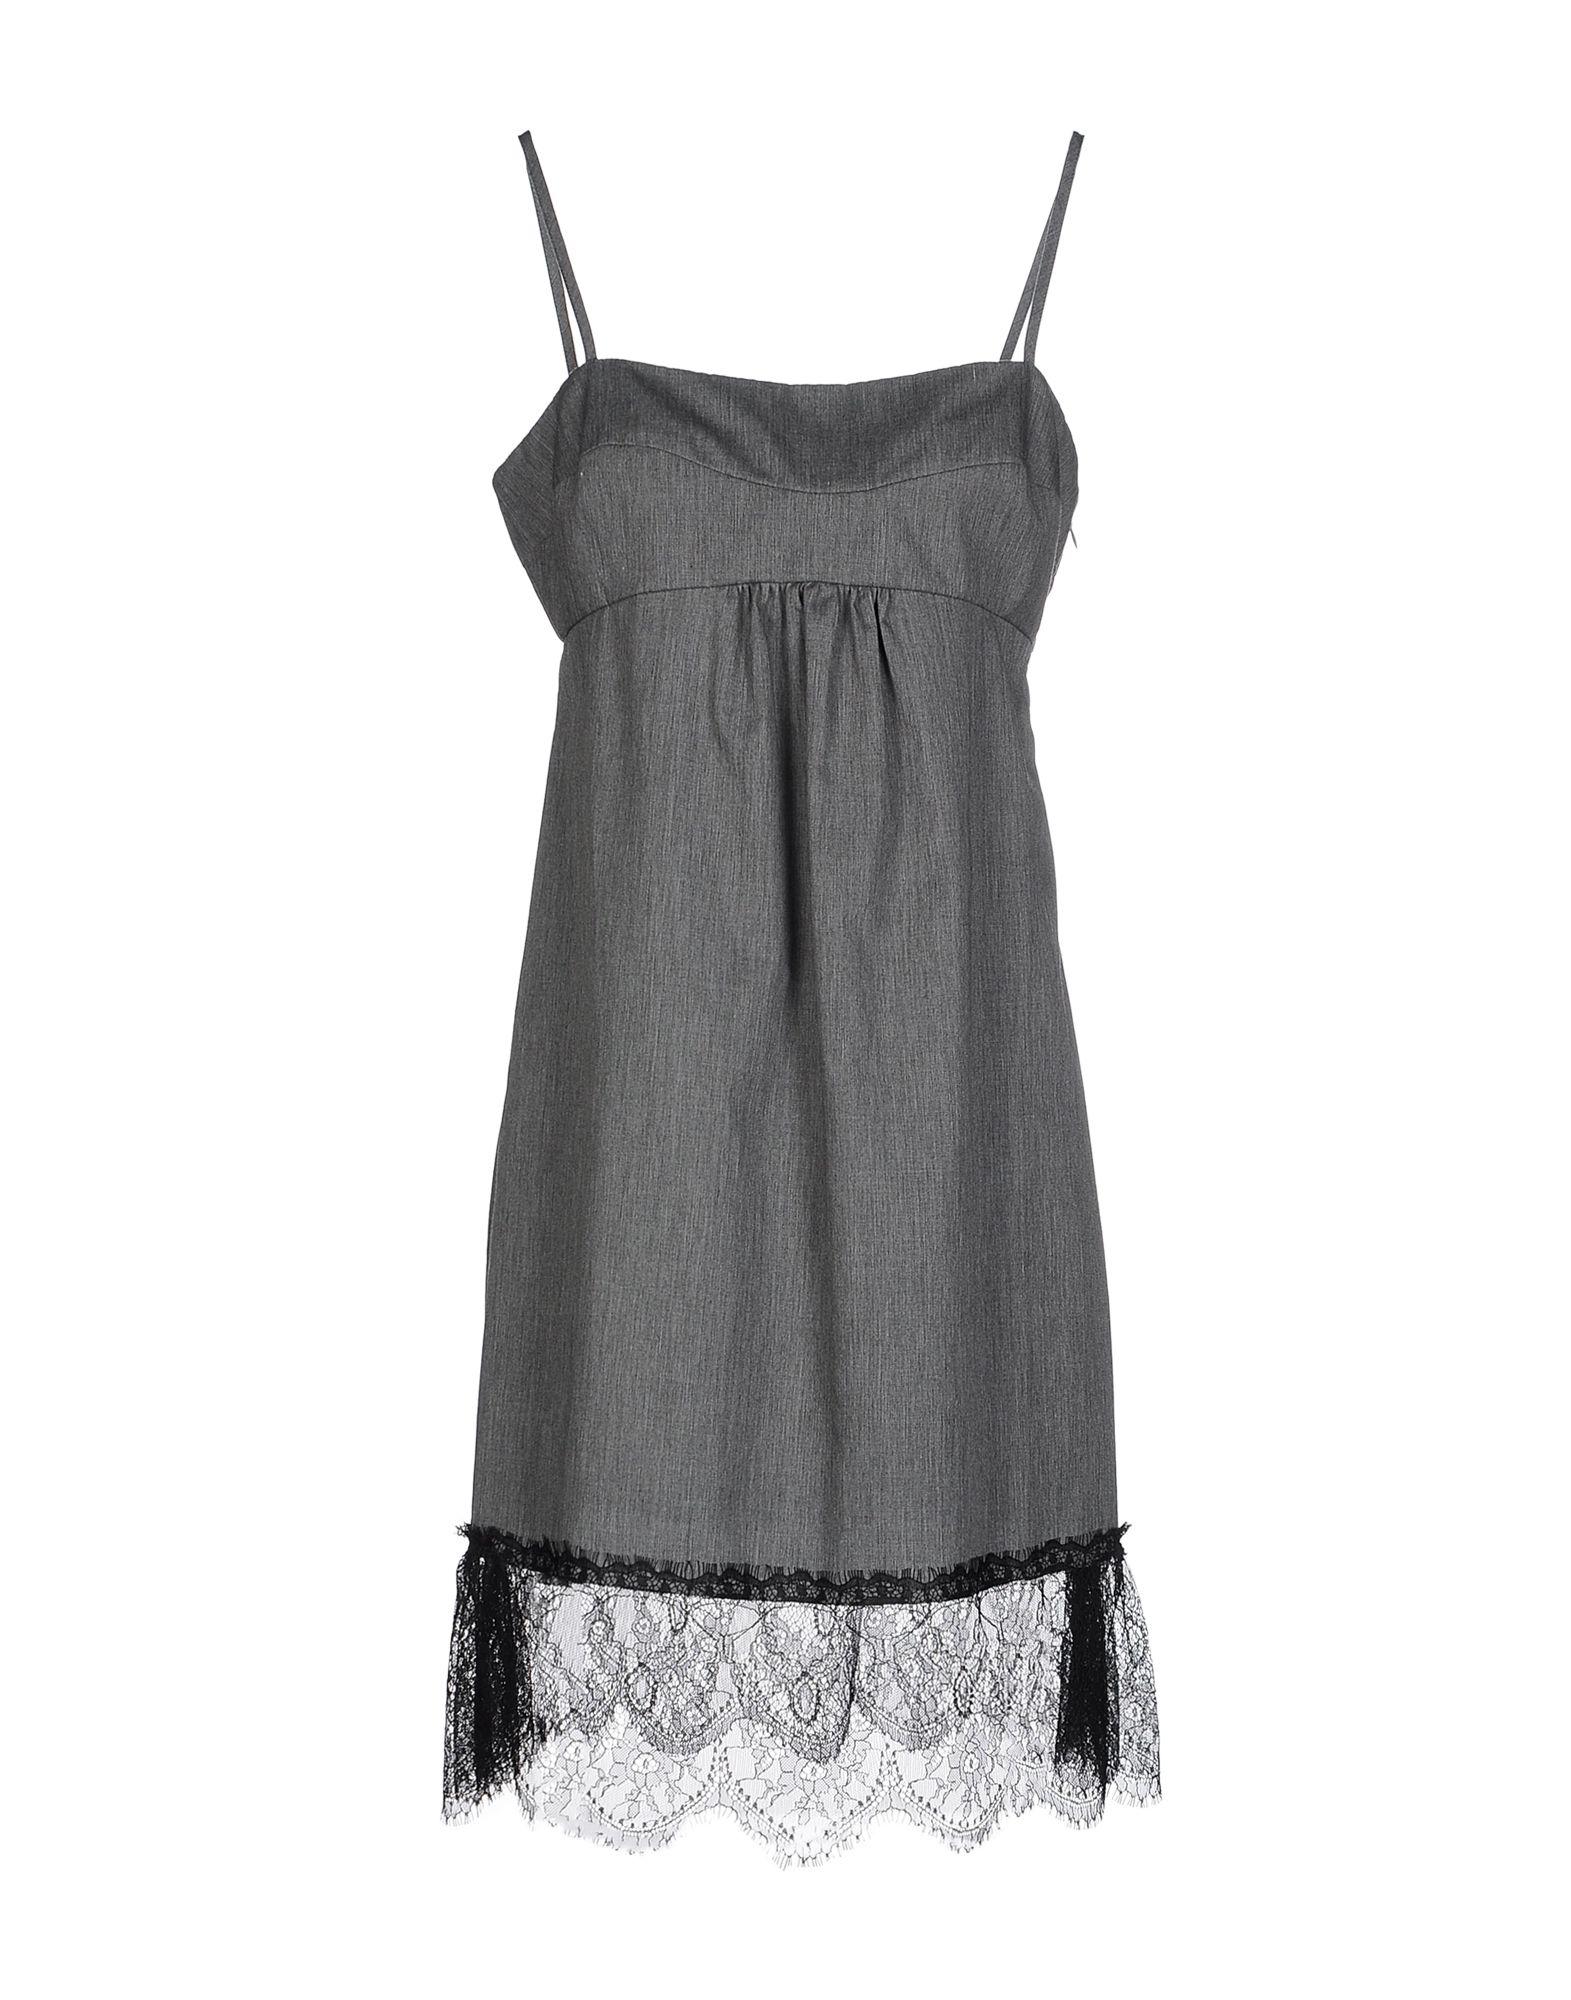 LIVIANA CONTI Короткое платье платье без рукавов с кружевной вставкой на спинке